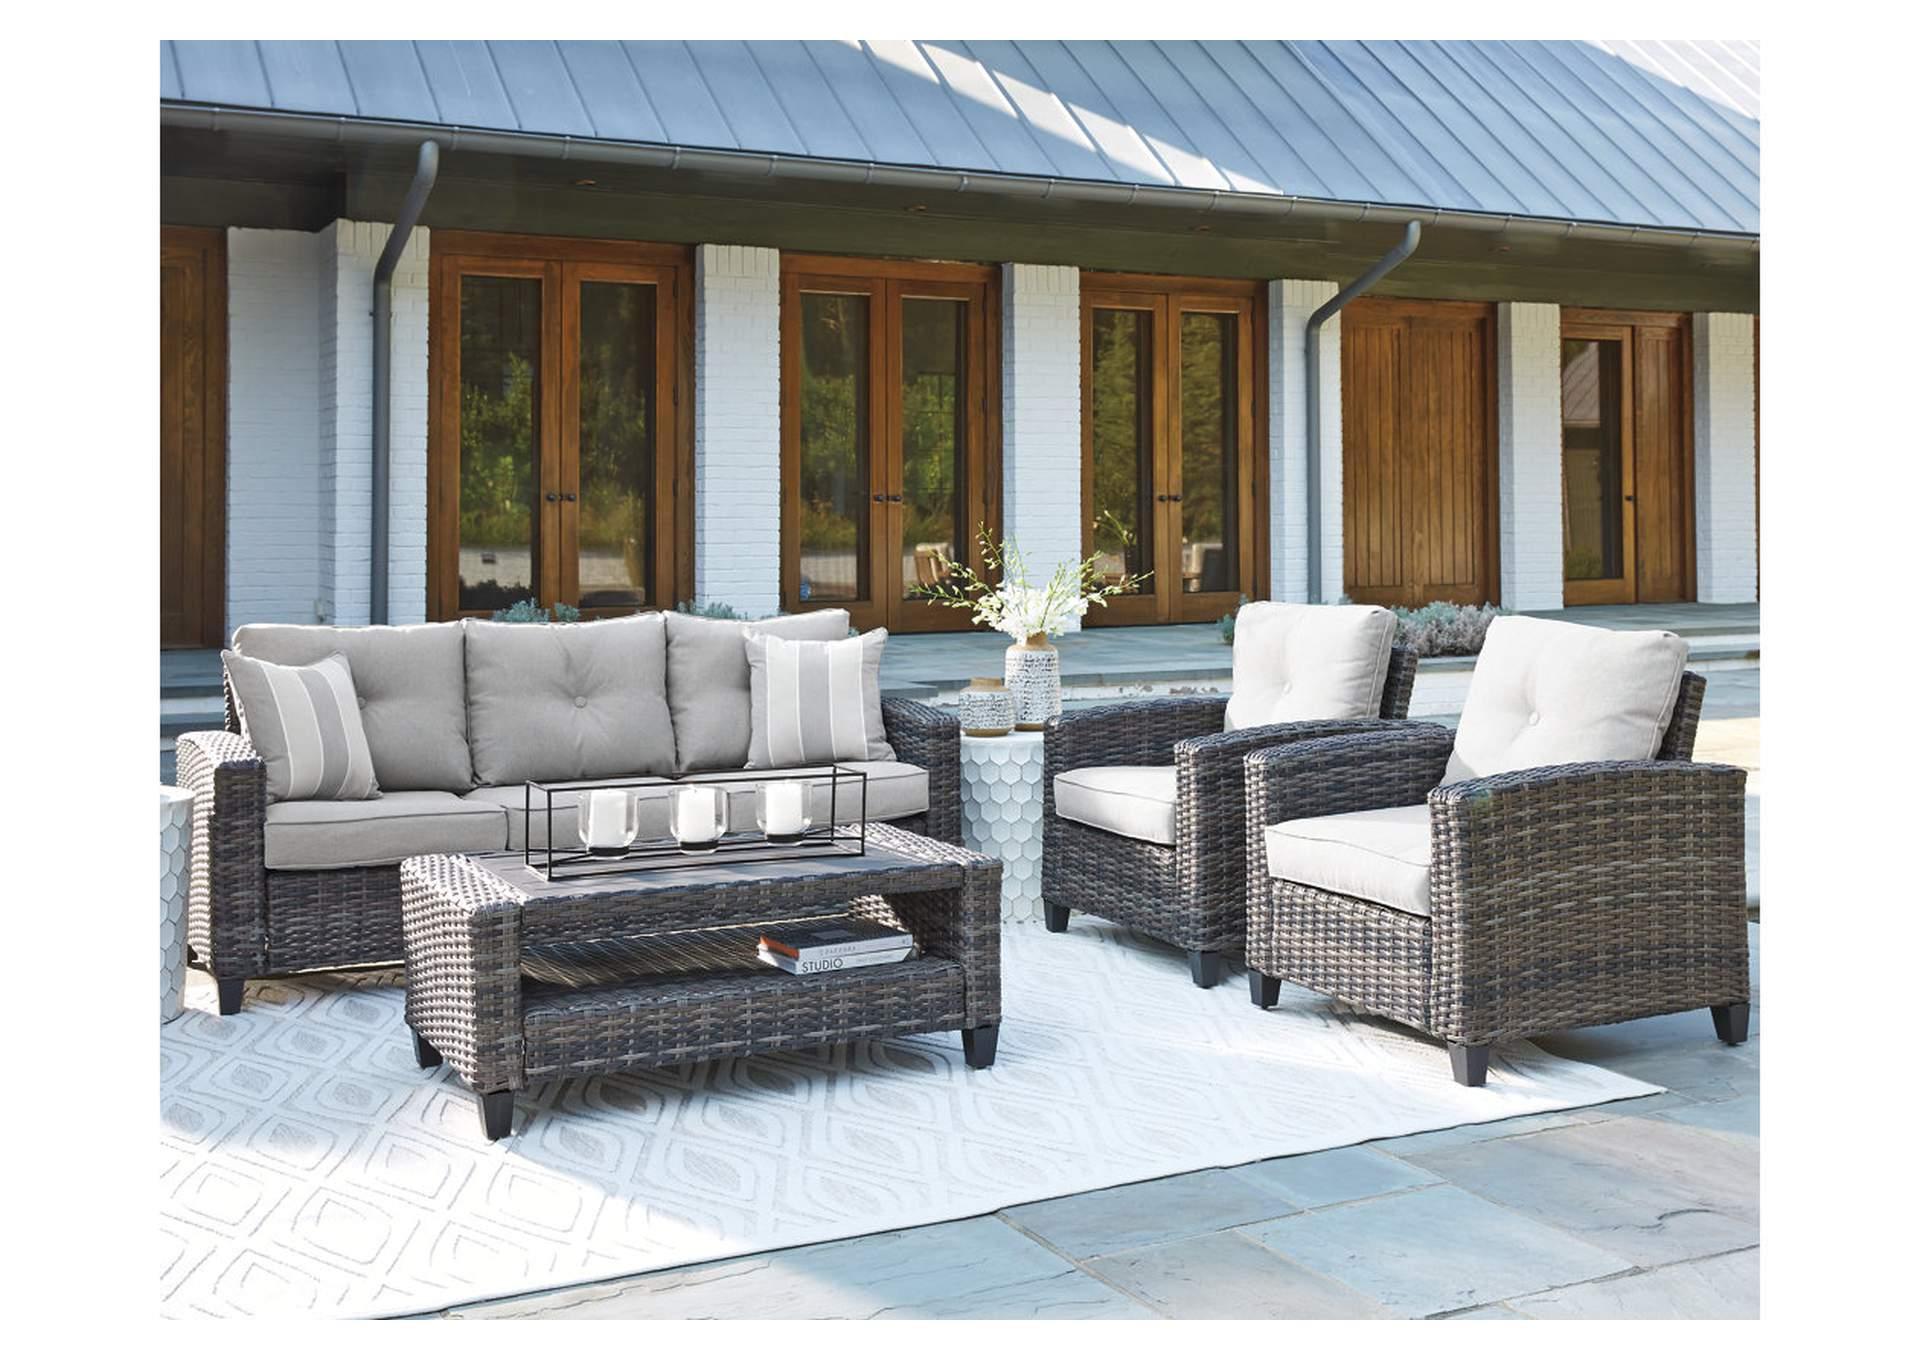 cloverbrooke gray 4 piece outdoor